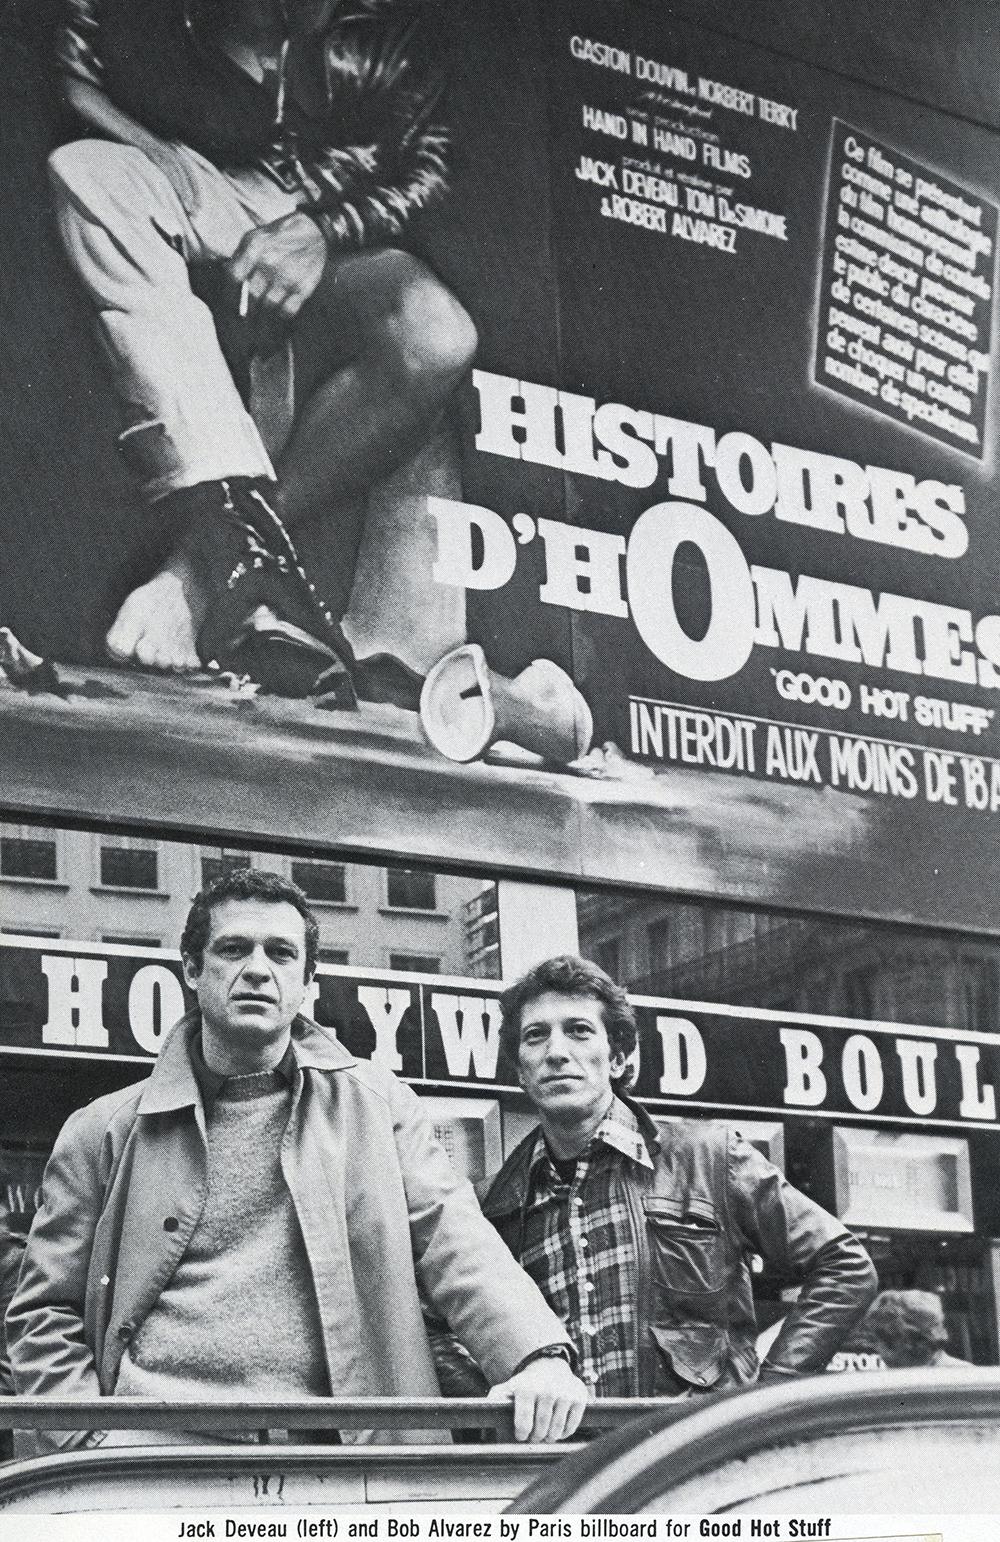 Jack and Robert Alvarez in front of a Histoires d'Hommes billboard in Paris